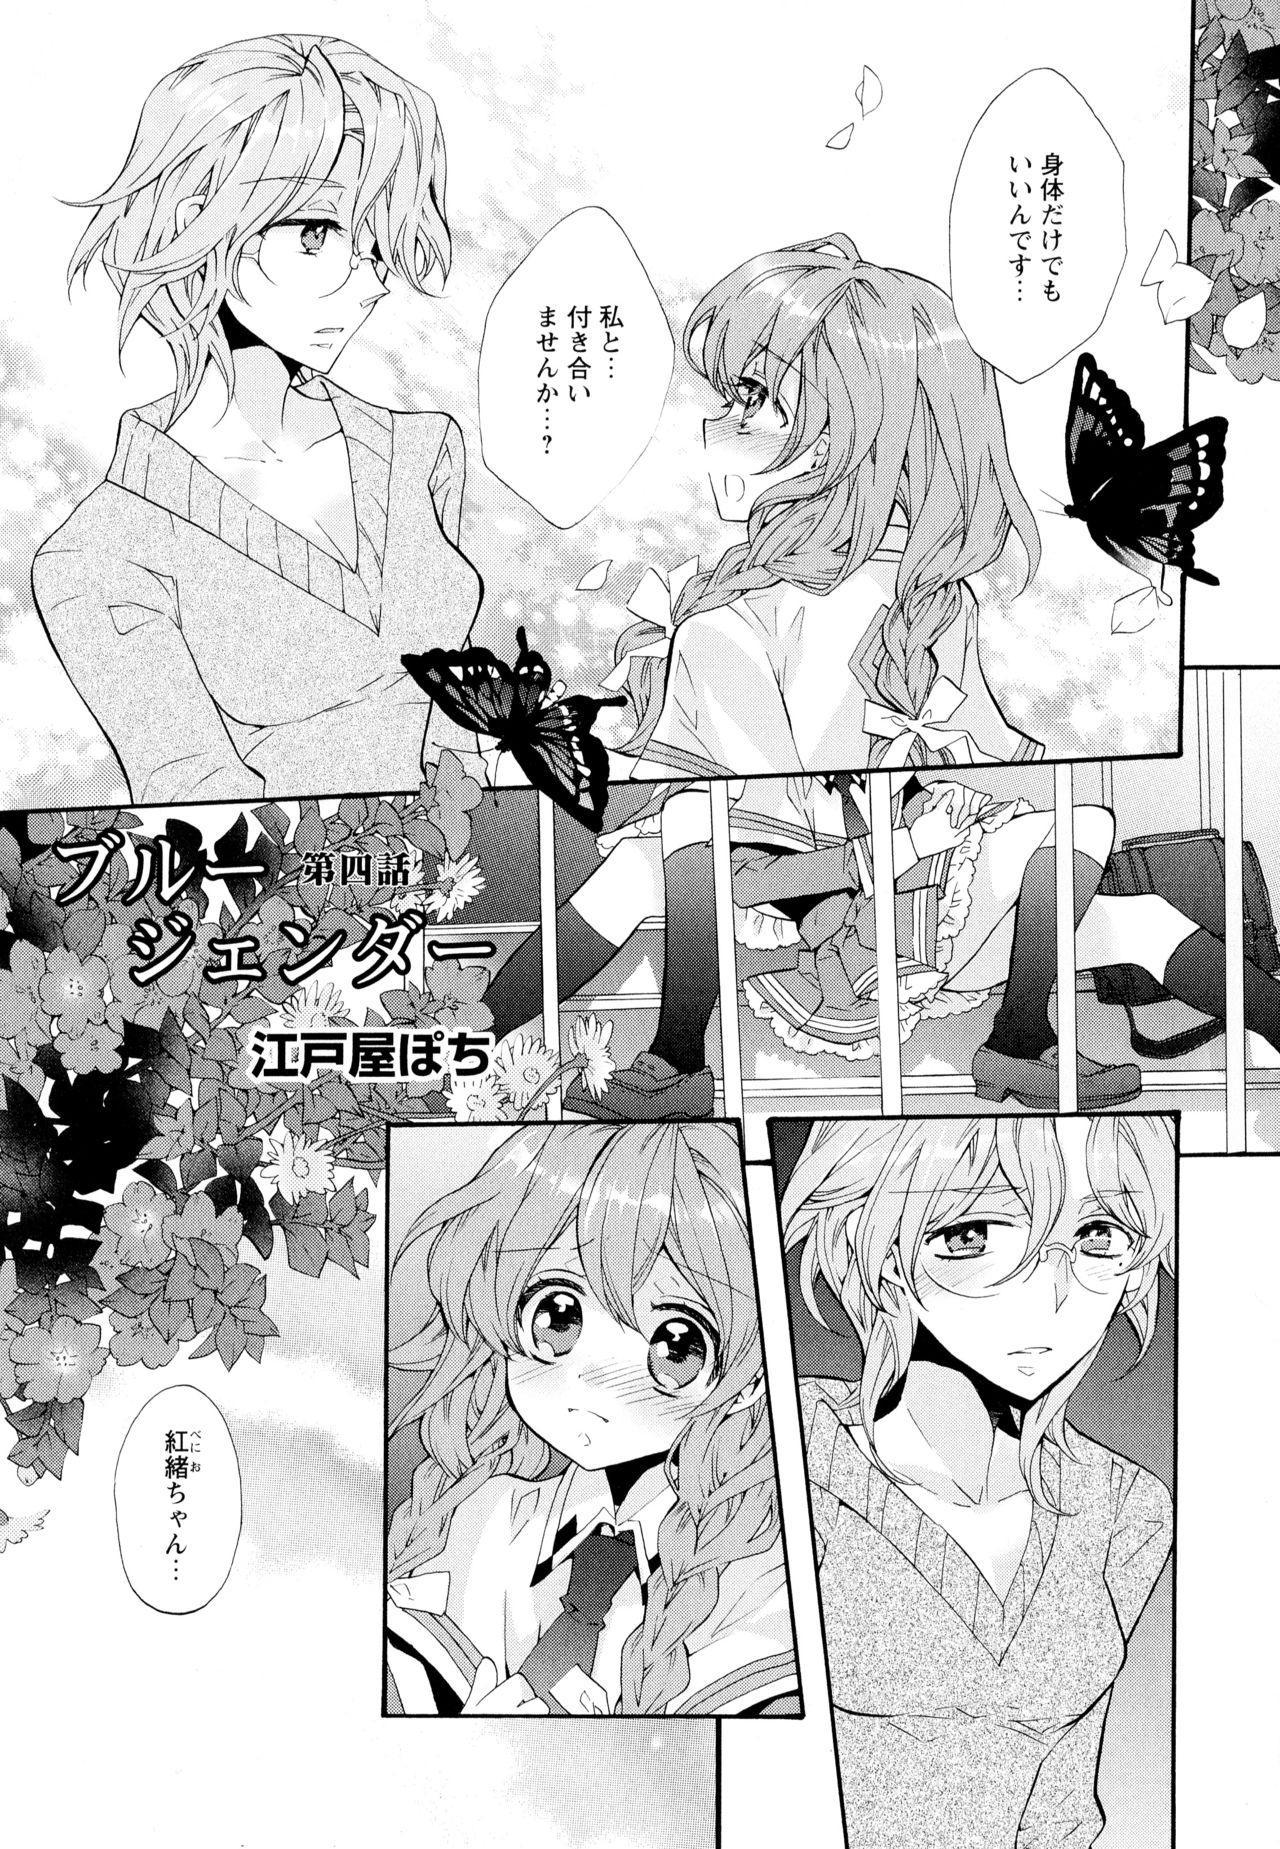 Aya Yuri Vol. 5 28